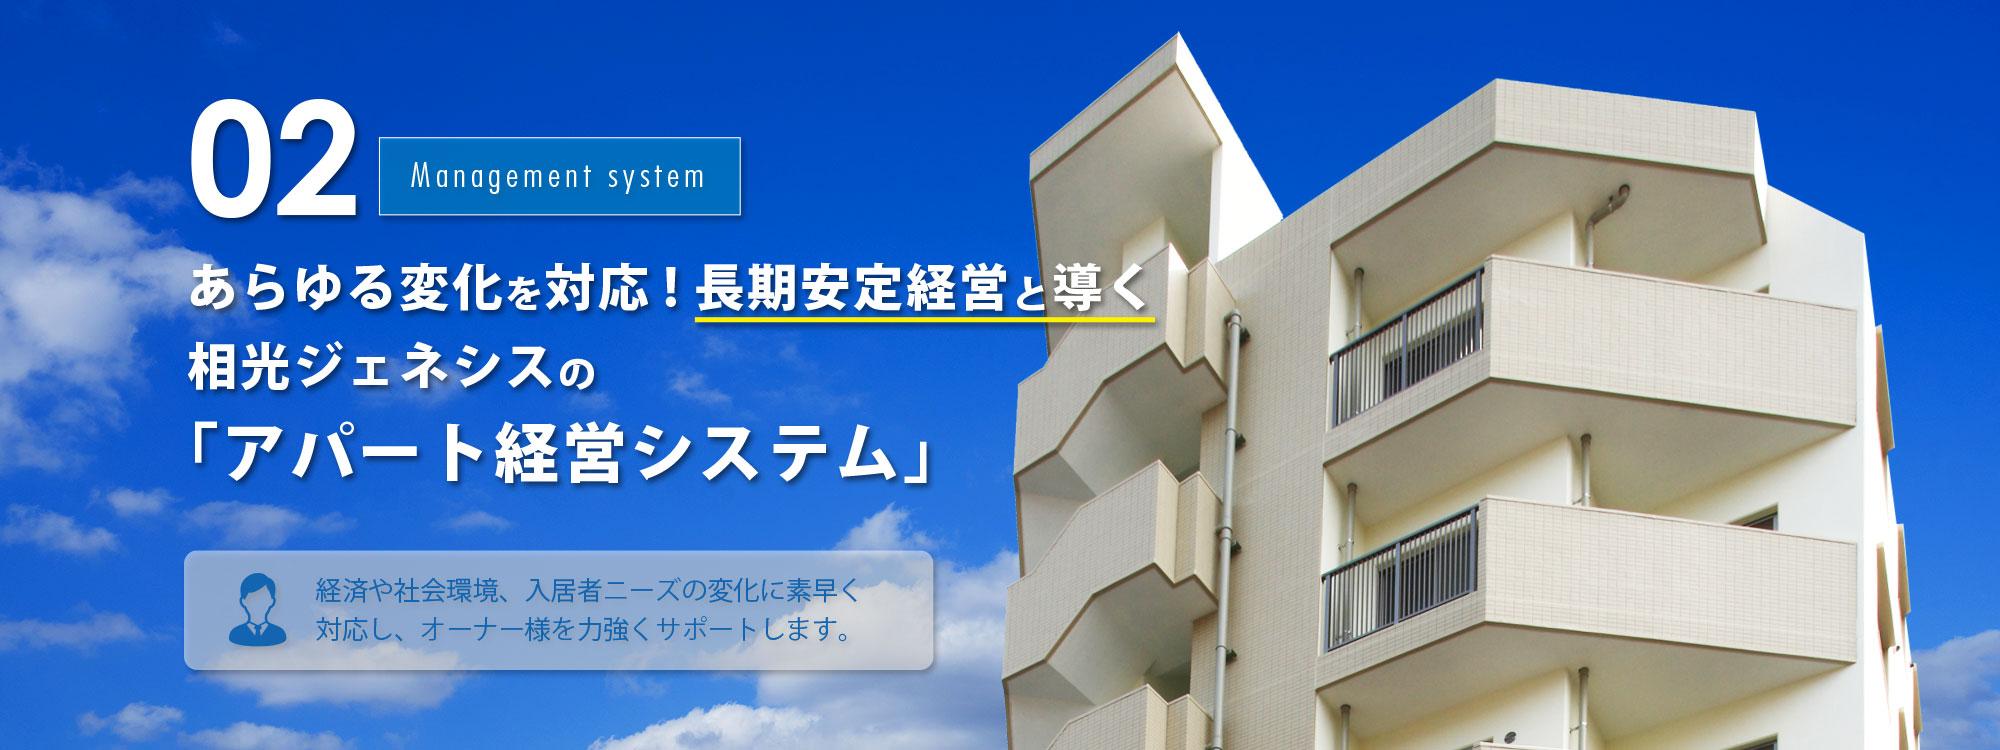 あらゆる変化を対応! 長期安定経営と導く 相光ジェネシスの 「アパート経営システム」